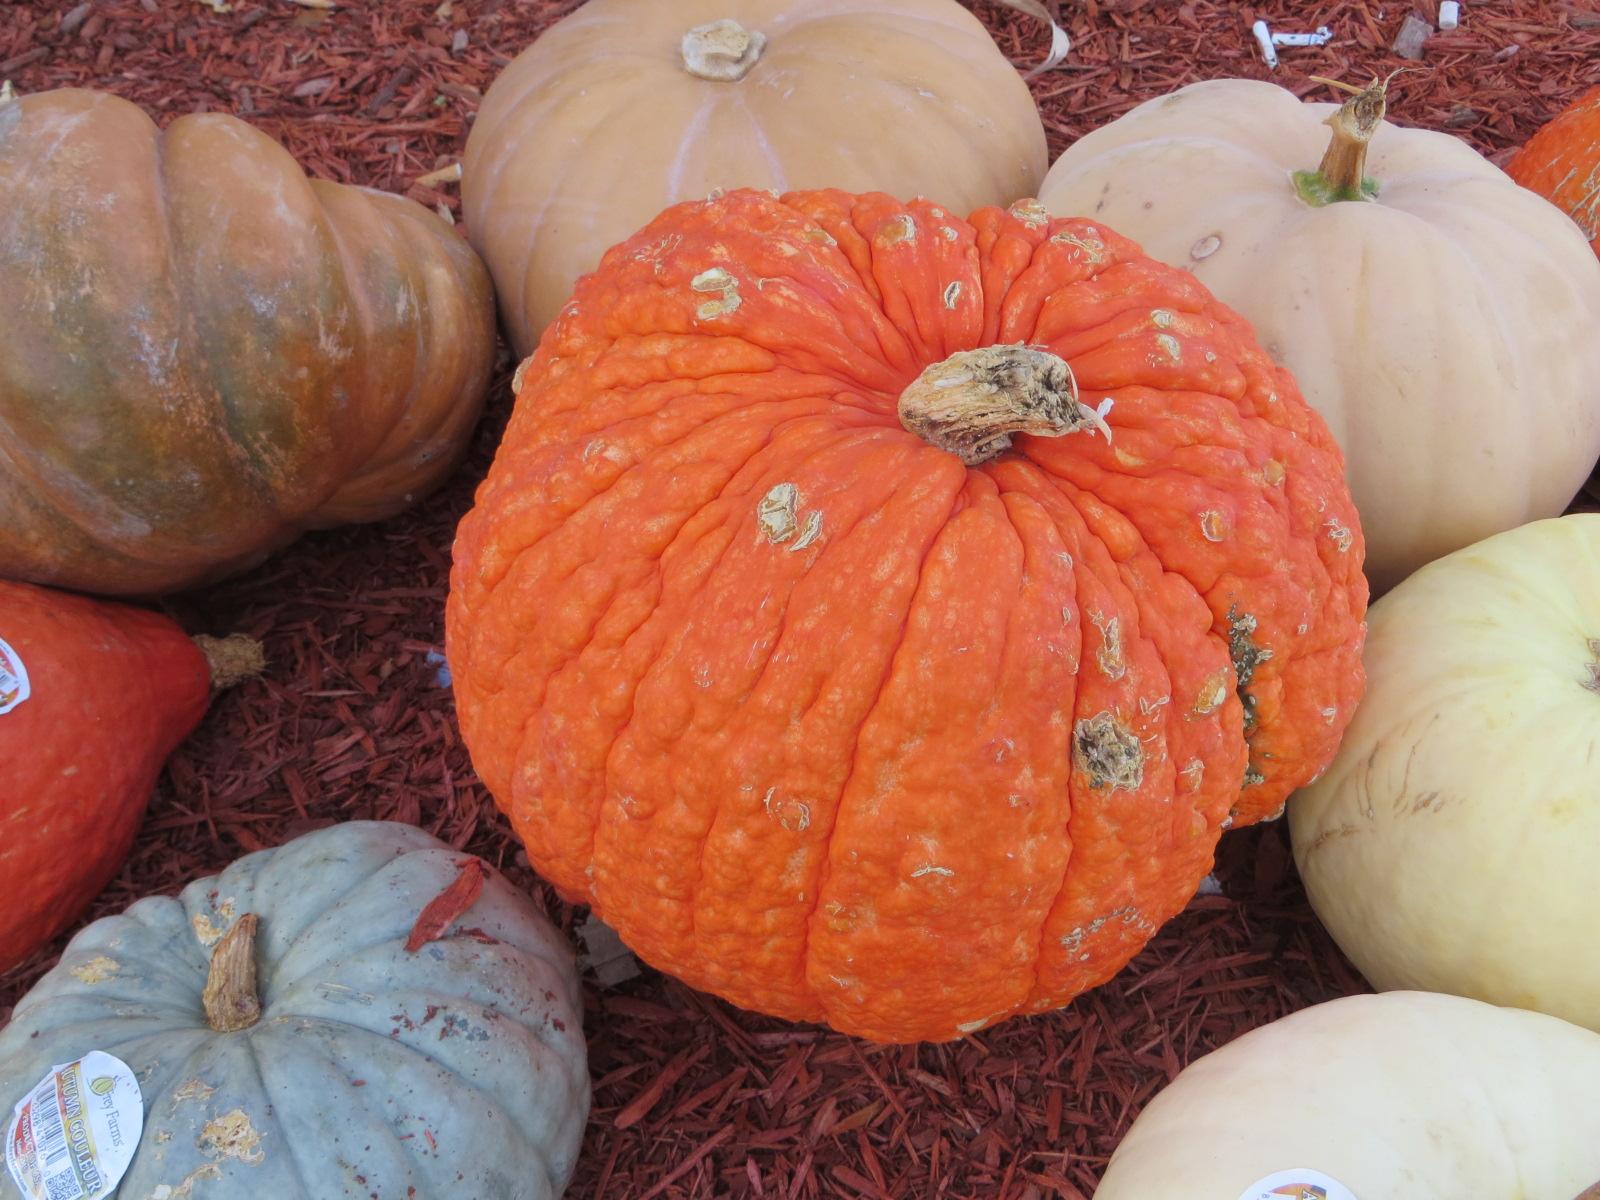 Boyds Pumpkin patch